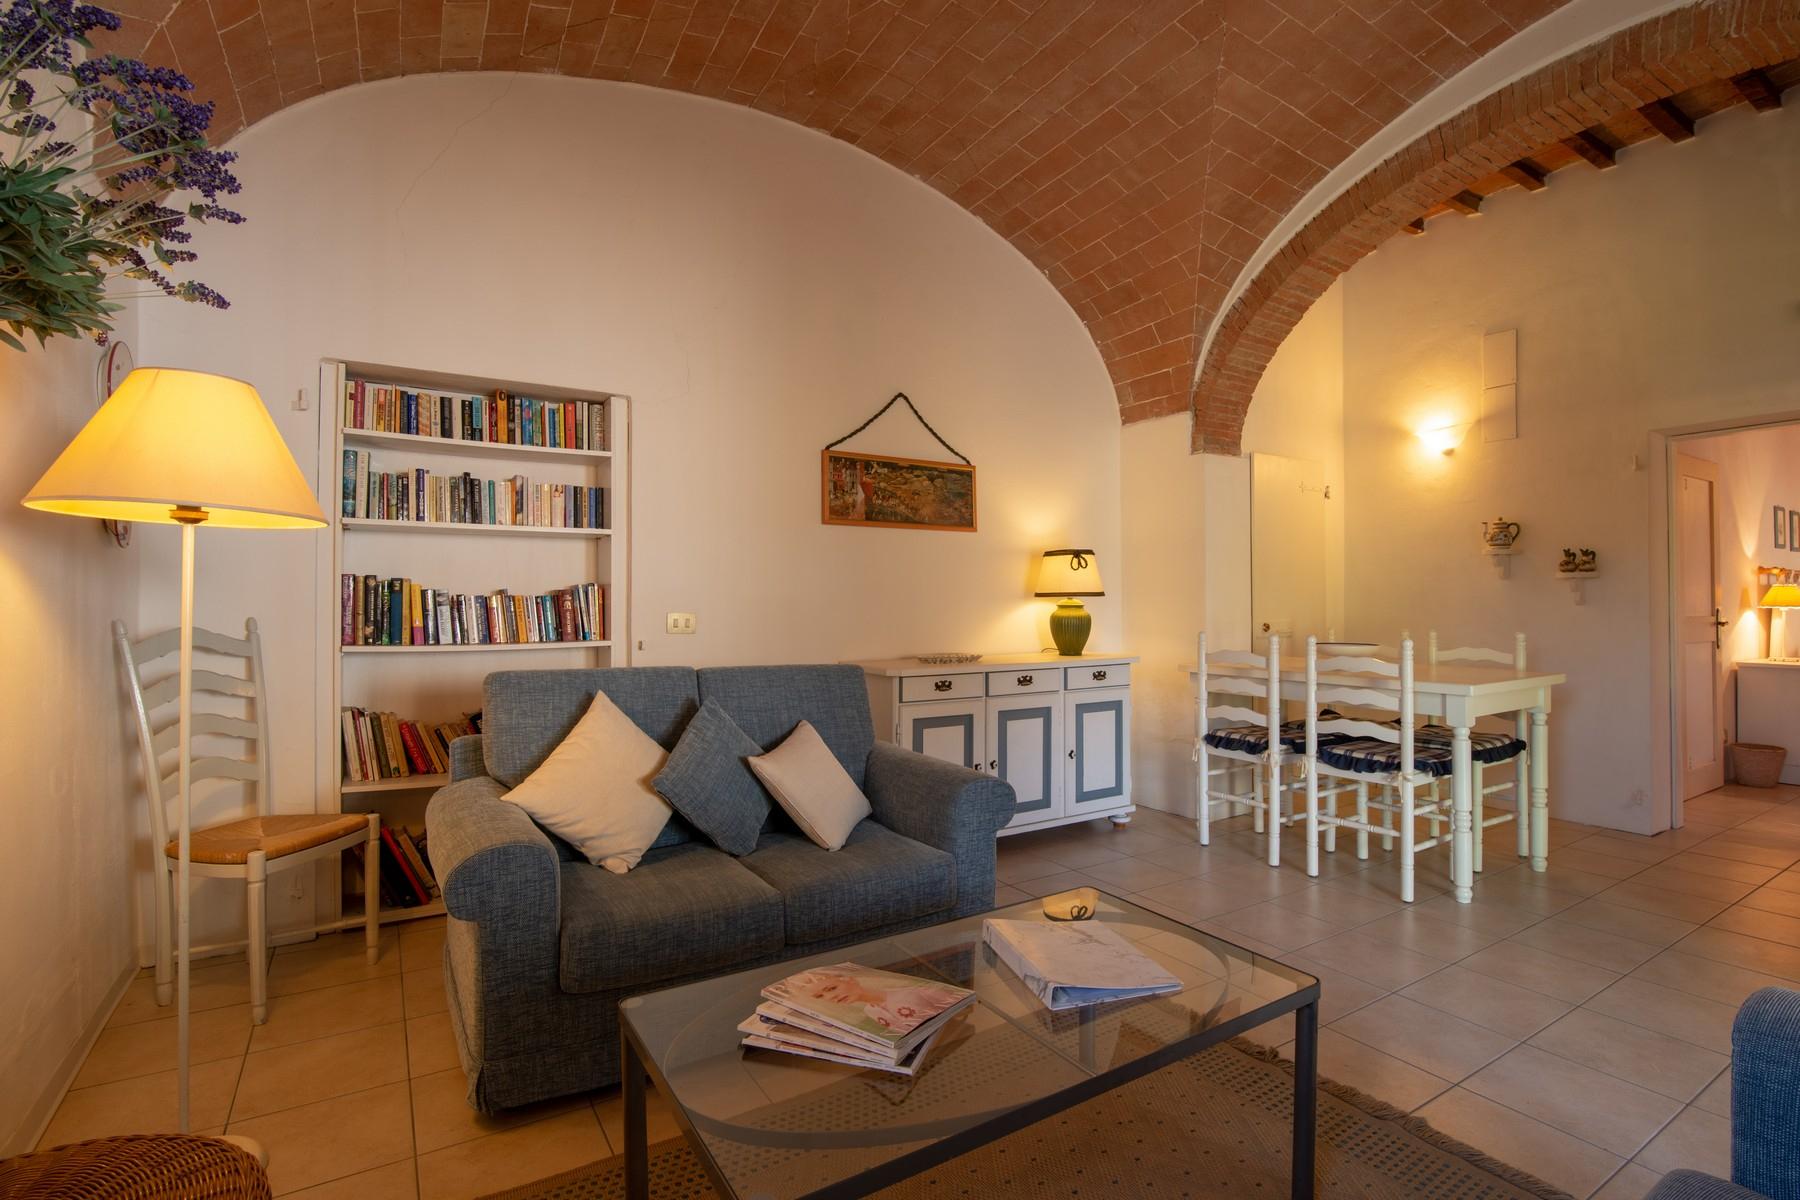 Rustico in Vendita a San Gimignano: 5 locali, 615 mq - Foto 12